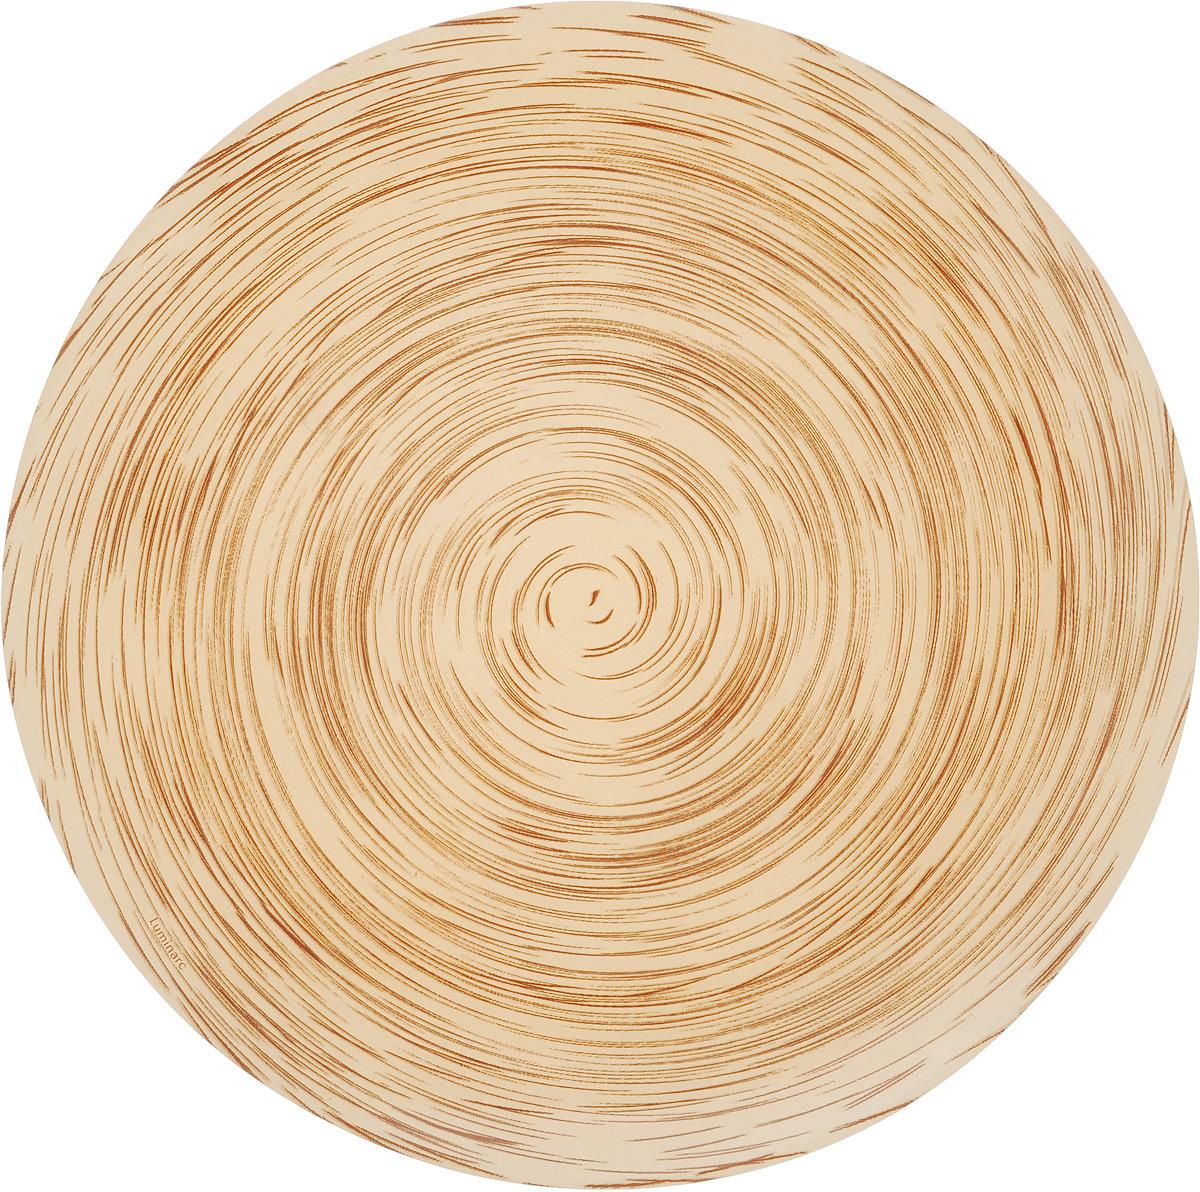 Тарелка обеденная Luminarc Stonemania Cappuccino, диаметр 25 смJ1759Обеденная тарелка Luminarc Stonemania Cappuccino, изготовленная из высококачественного стекла, имеет изысканный внешний вид. Такая тарелка прекрасно подходит как для торжественных случаев, так и для повседневного использования. Идеальна для подачи десертов, пирожных, тортов и многого другого. Она прекрасно оформит стол и станет отличным дополнением к вашей коллекции кухонной посуды.Можно мыть в посудомоечной машине.